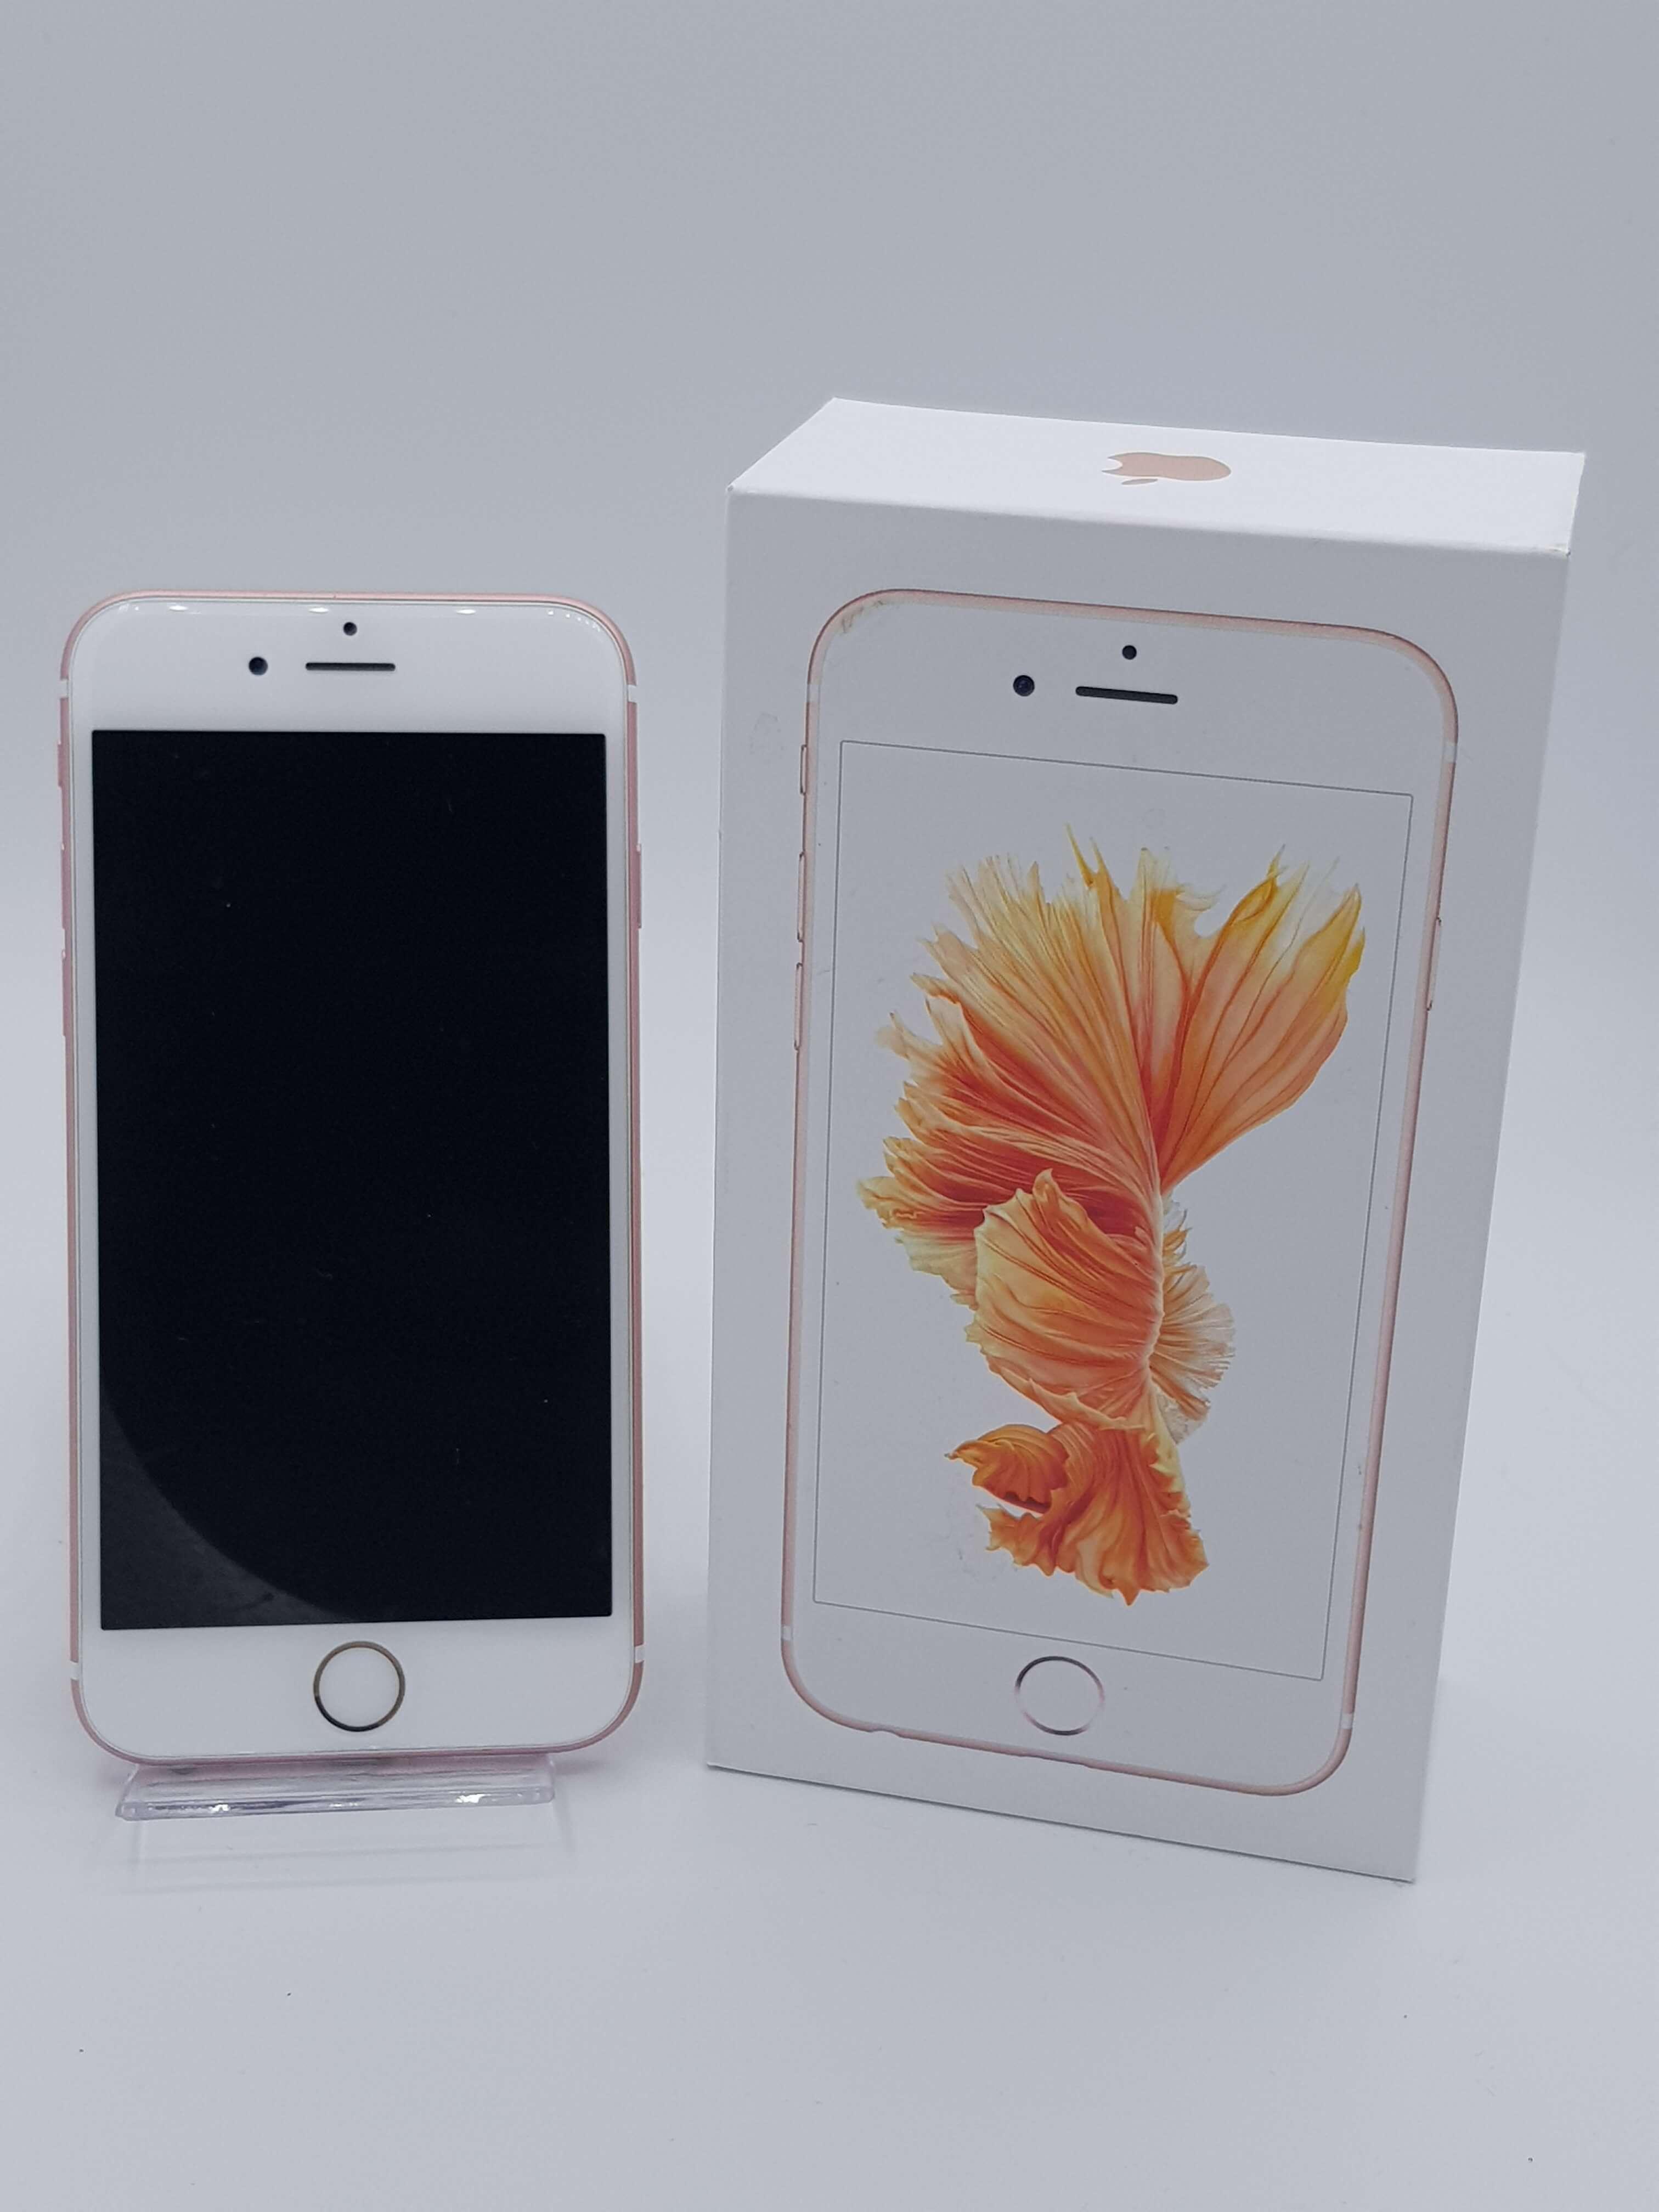 iphone 5s 16 gb zo goed als nieuw